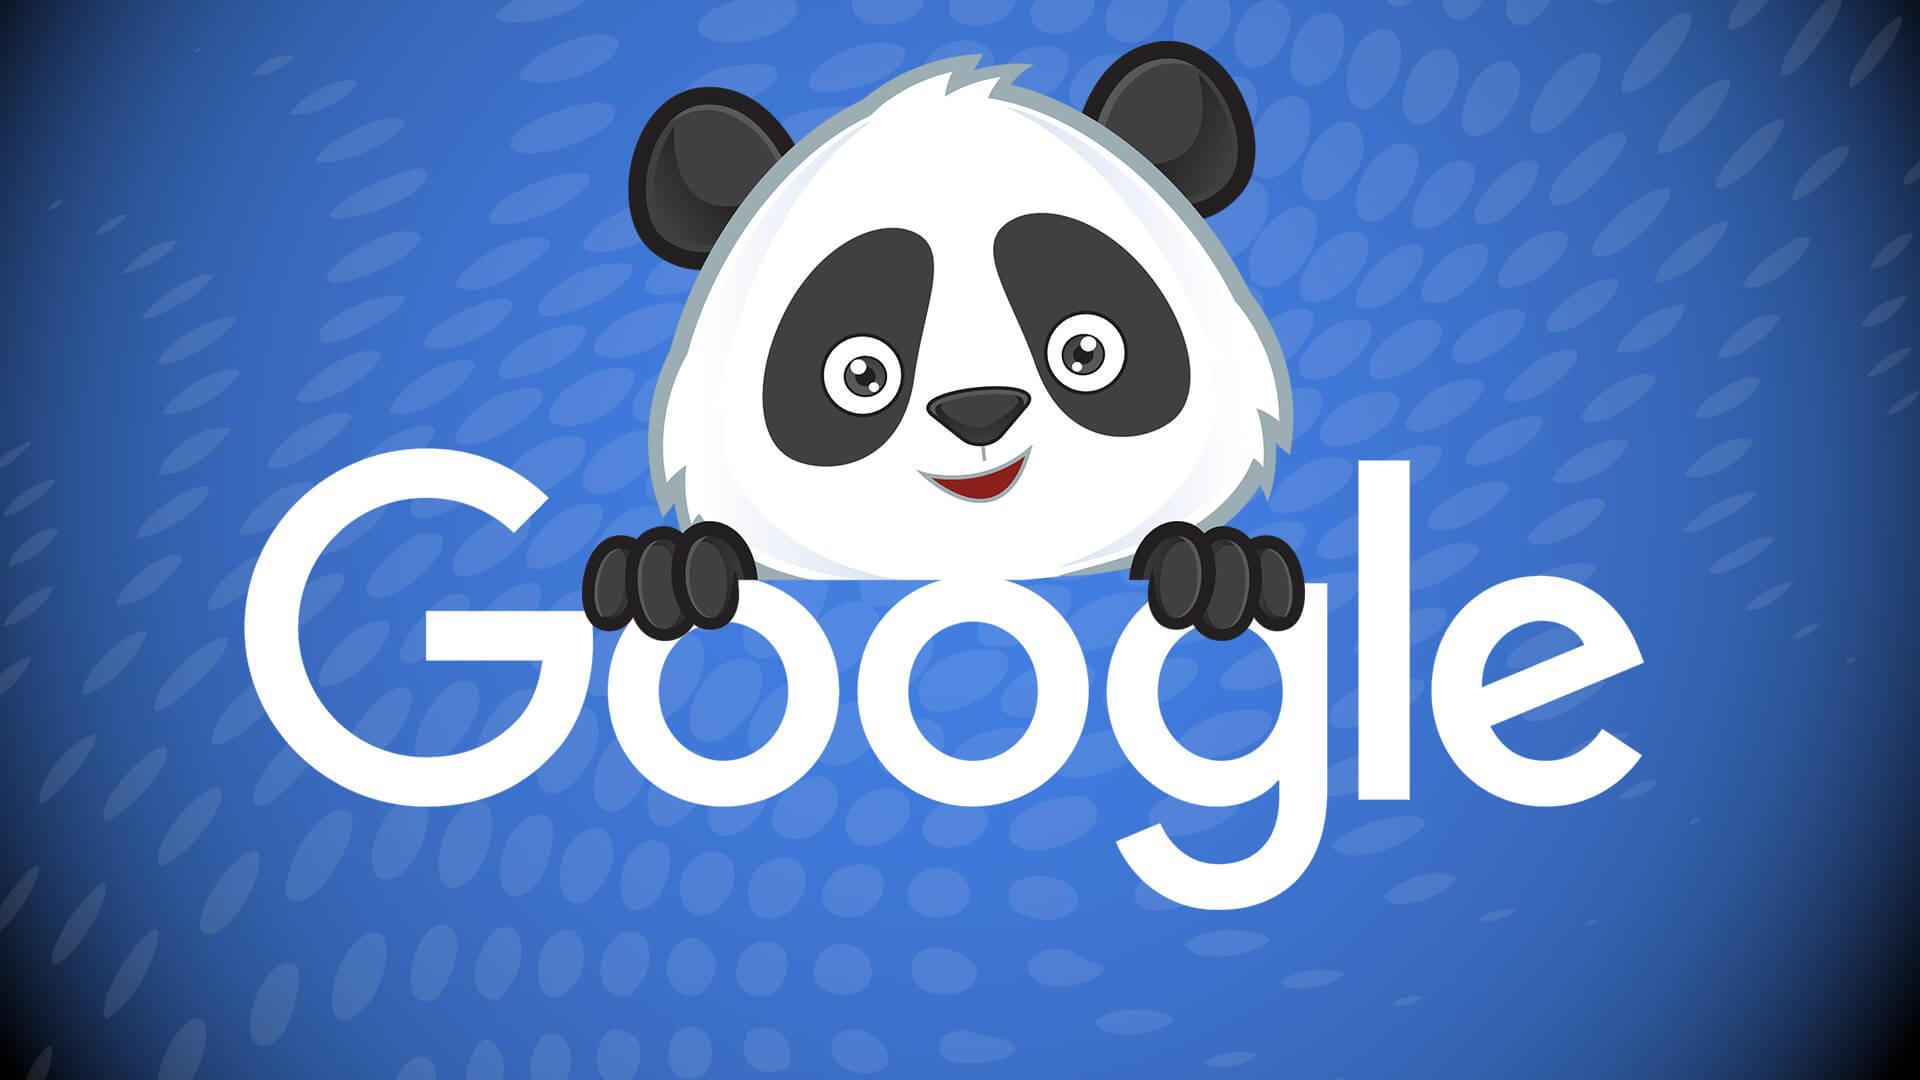 به روز رسانی پاندا گوگل - فوریه 2011 | پرگاس